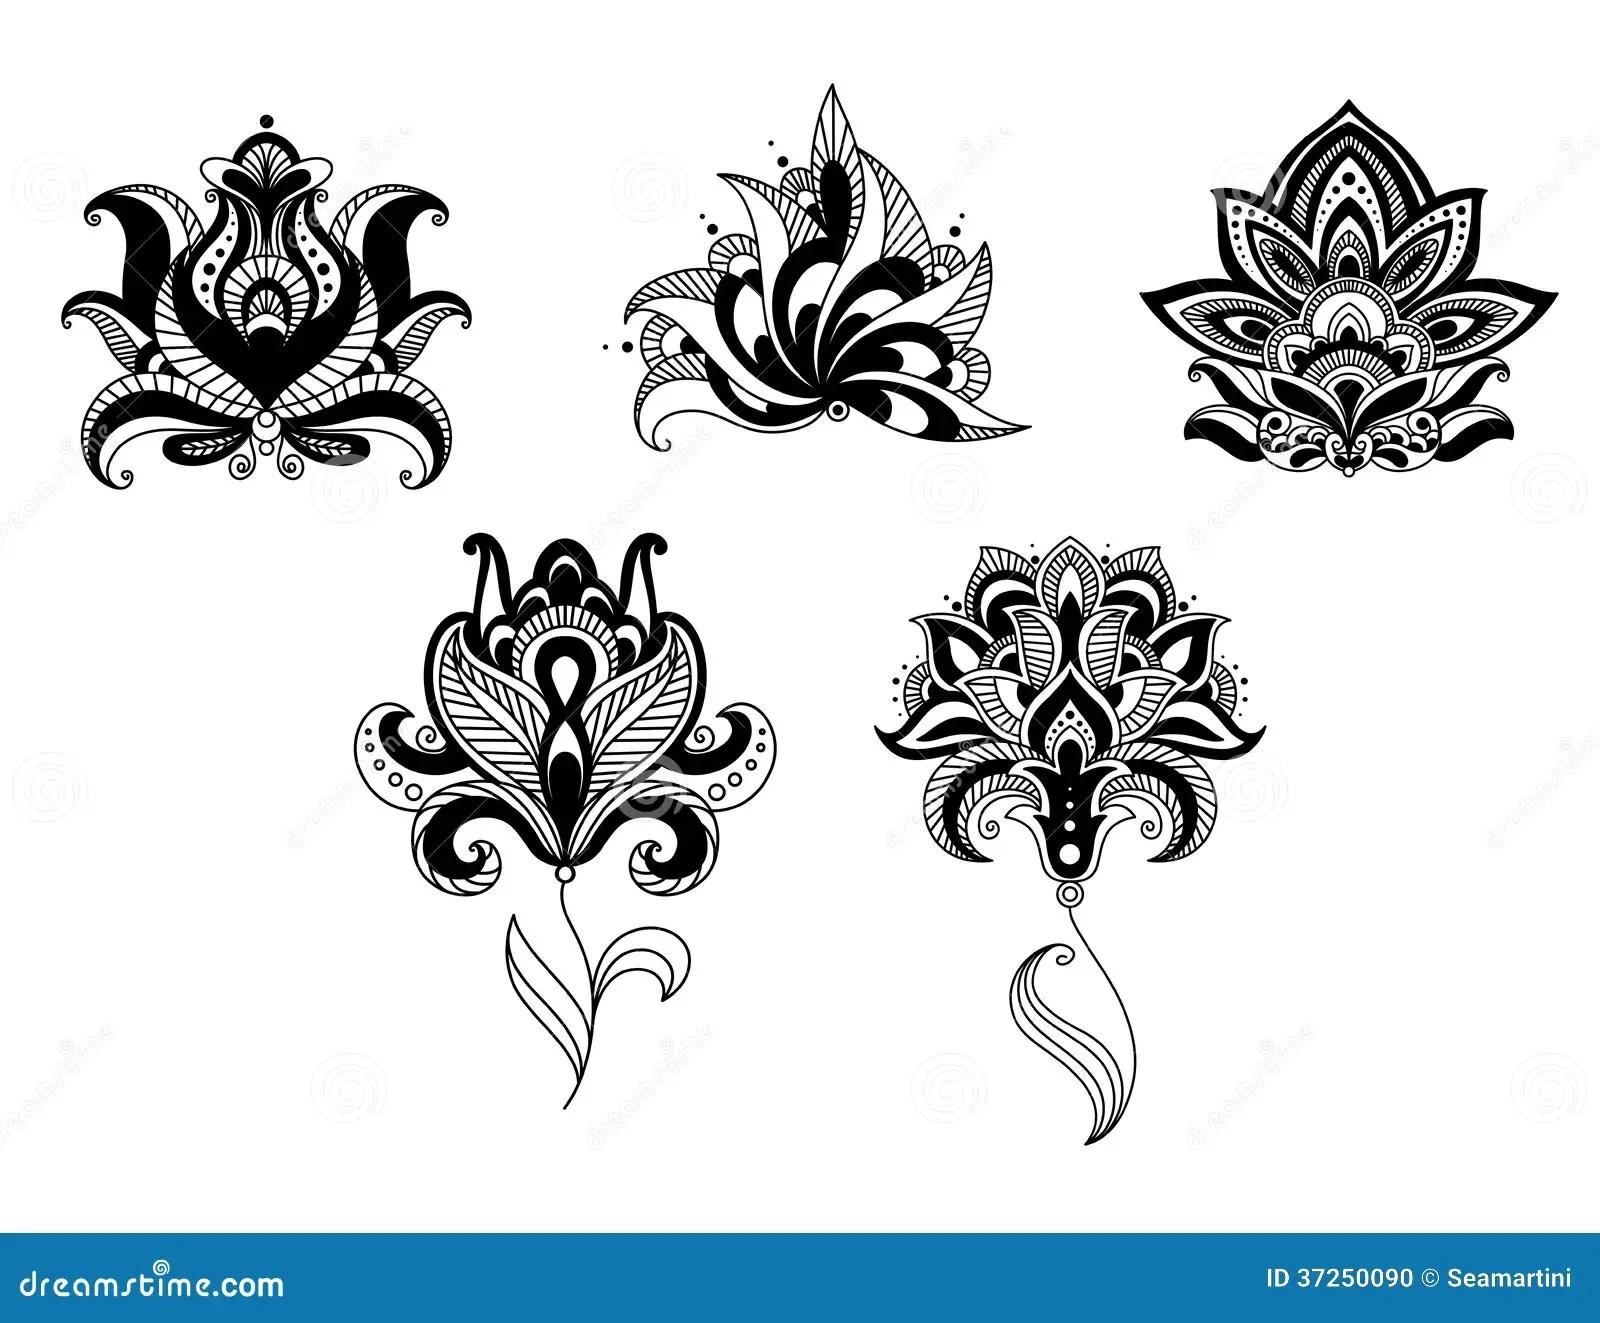 Utsmyckad In R Och Persisk Uppsattning For Blom Design